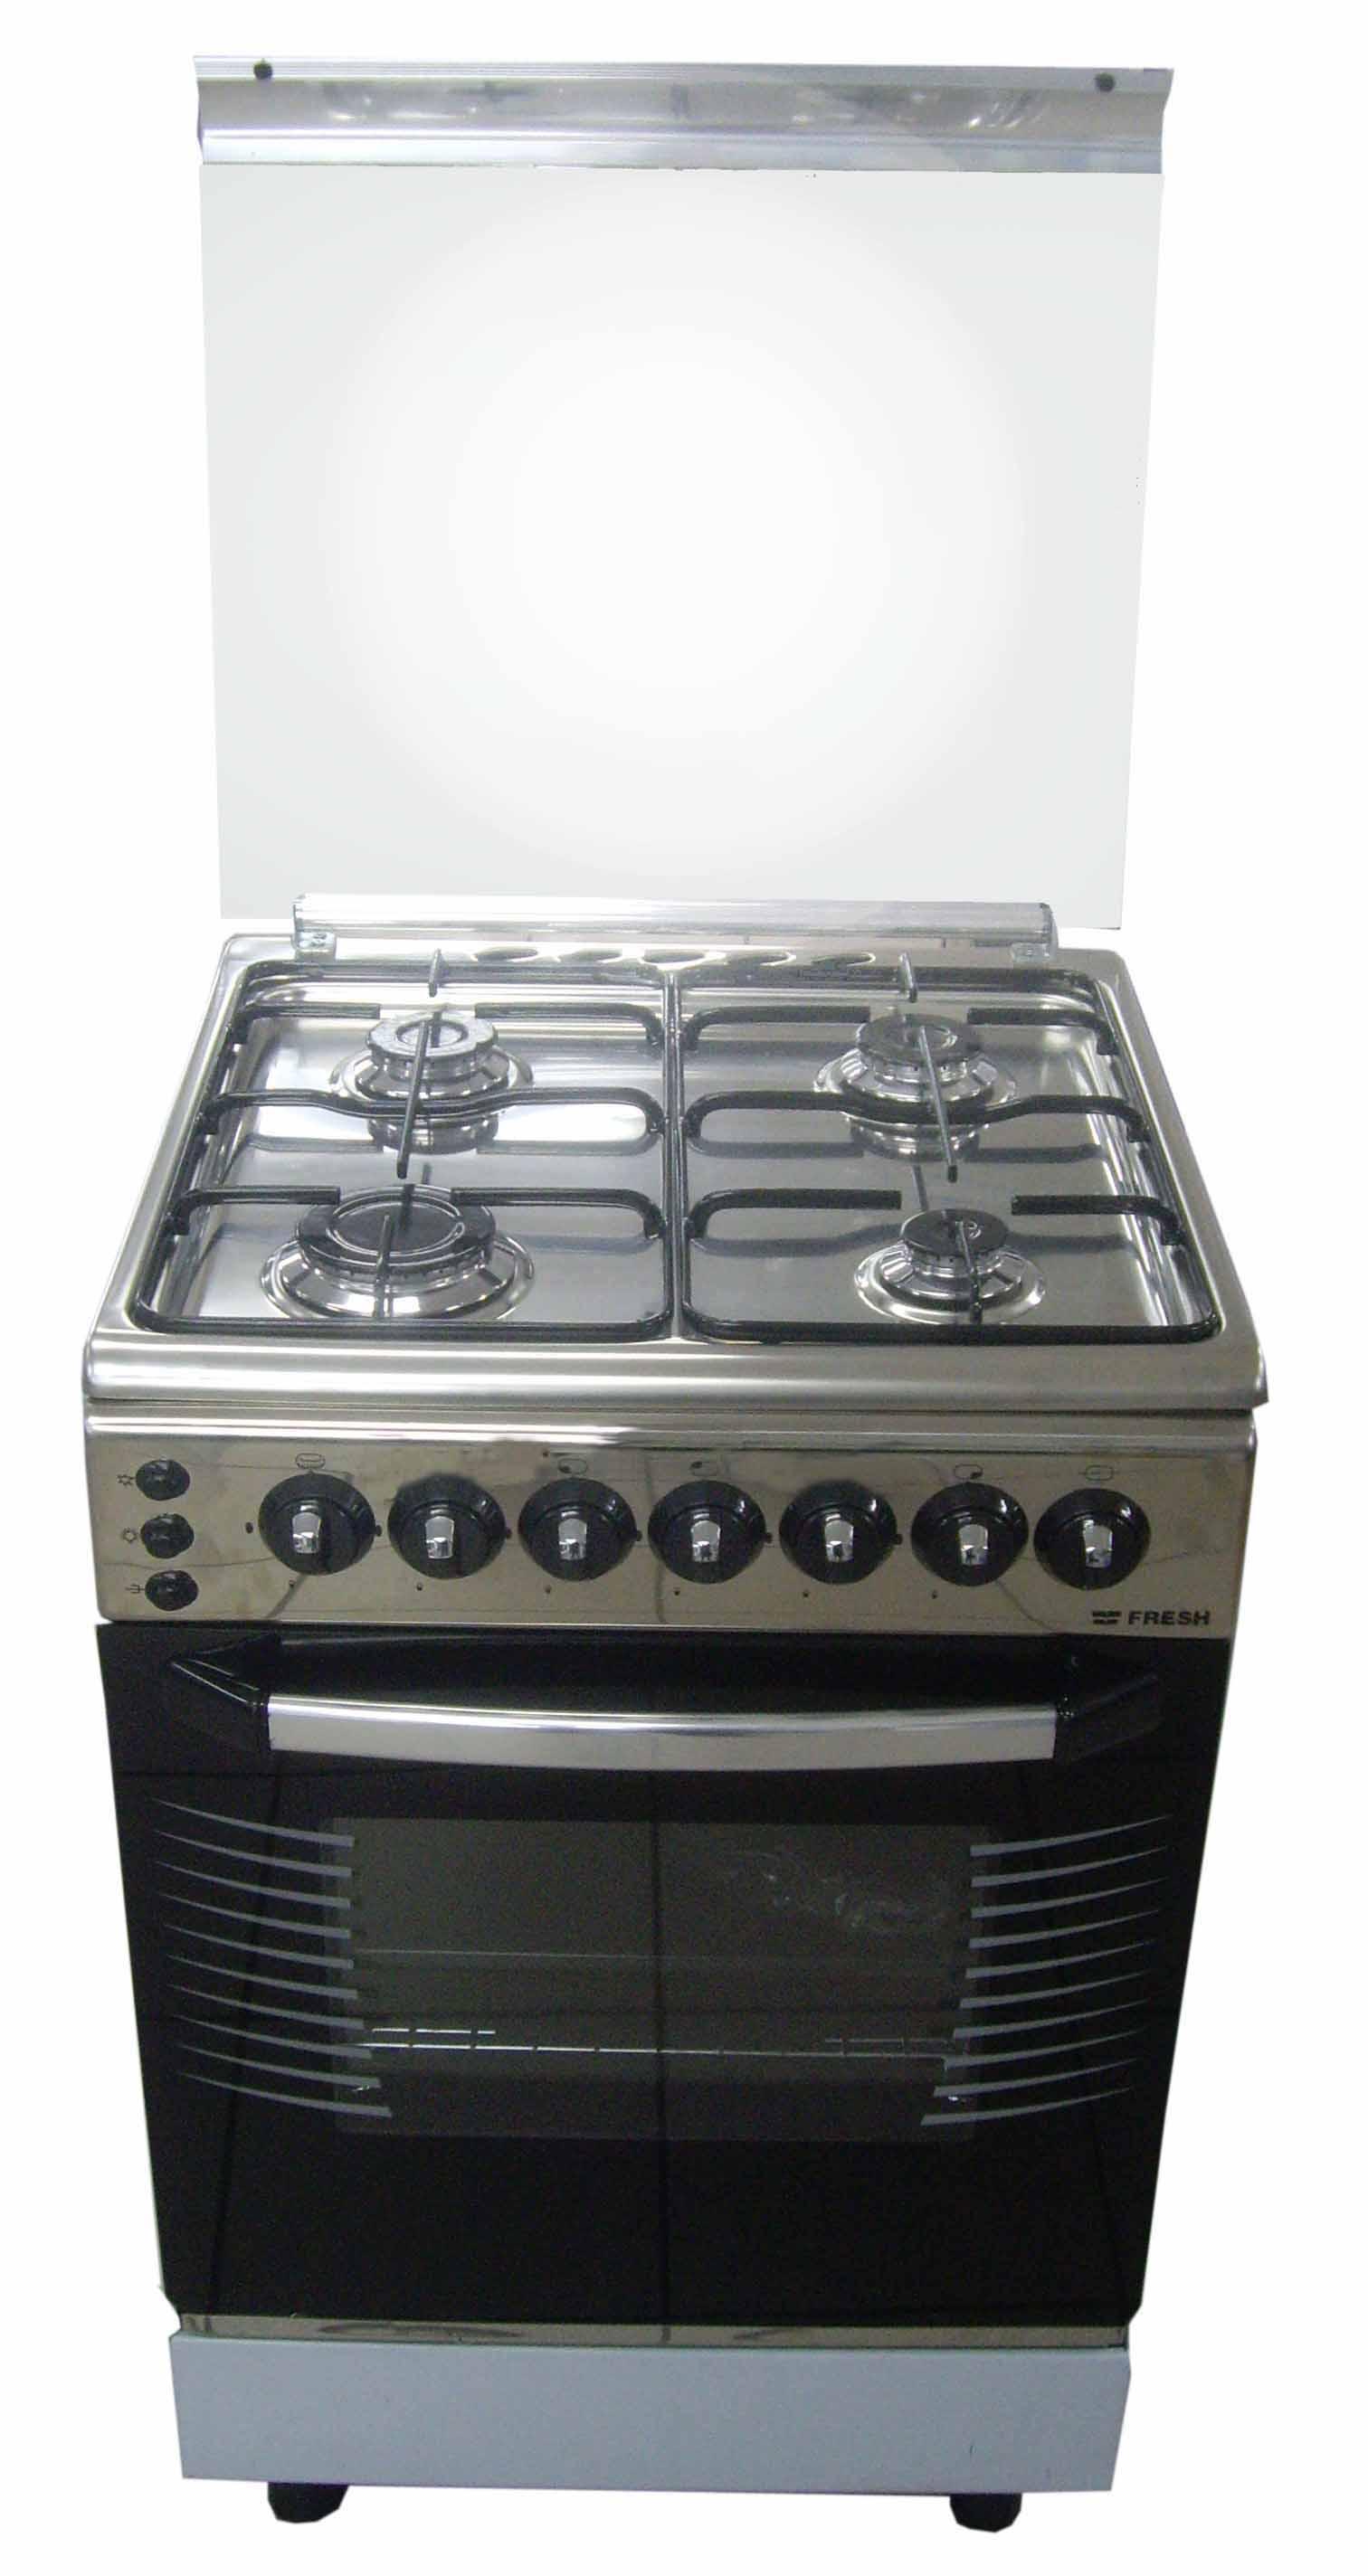 Плита газовая Fresh Forno 55х55 нержавейка (подсветка, розжиг, гриль)